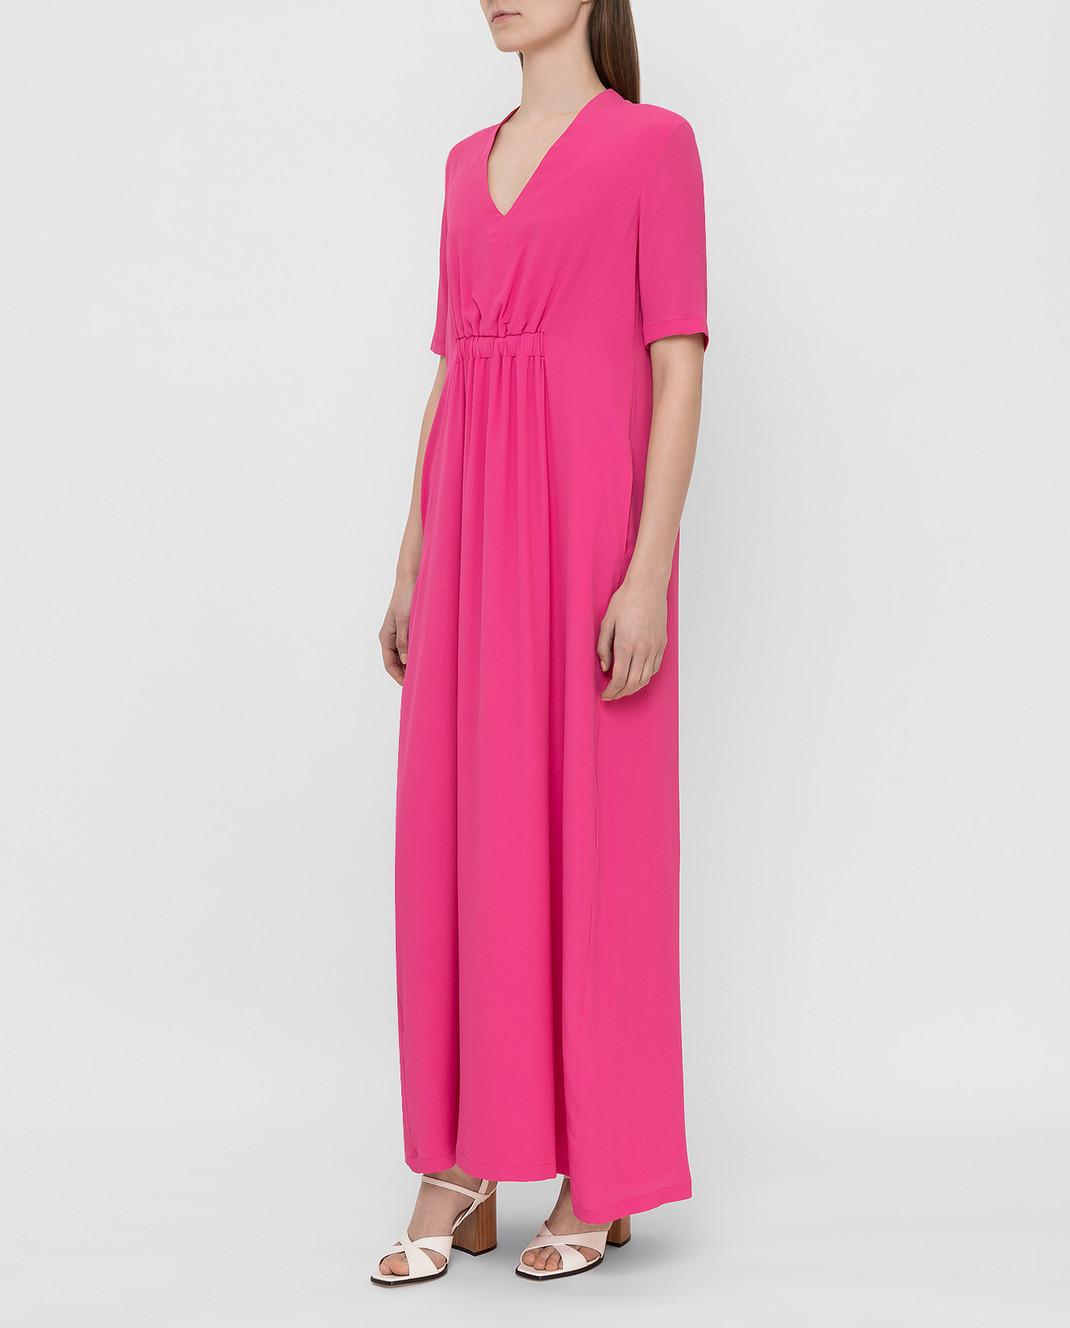 Fabiana Filippi Розовое платье ABD260B985 изображение 3